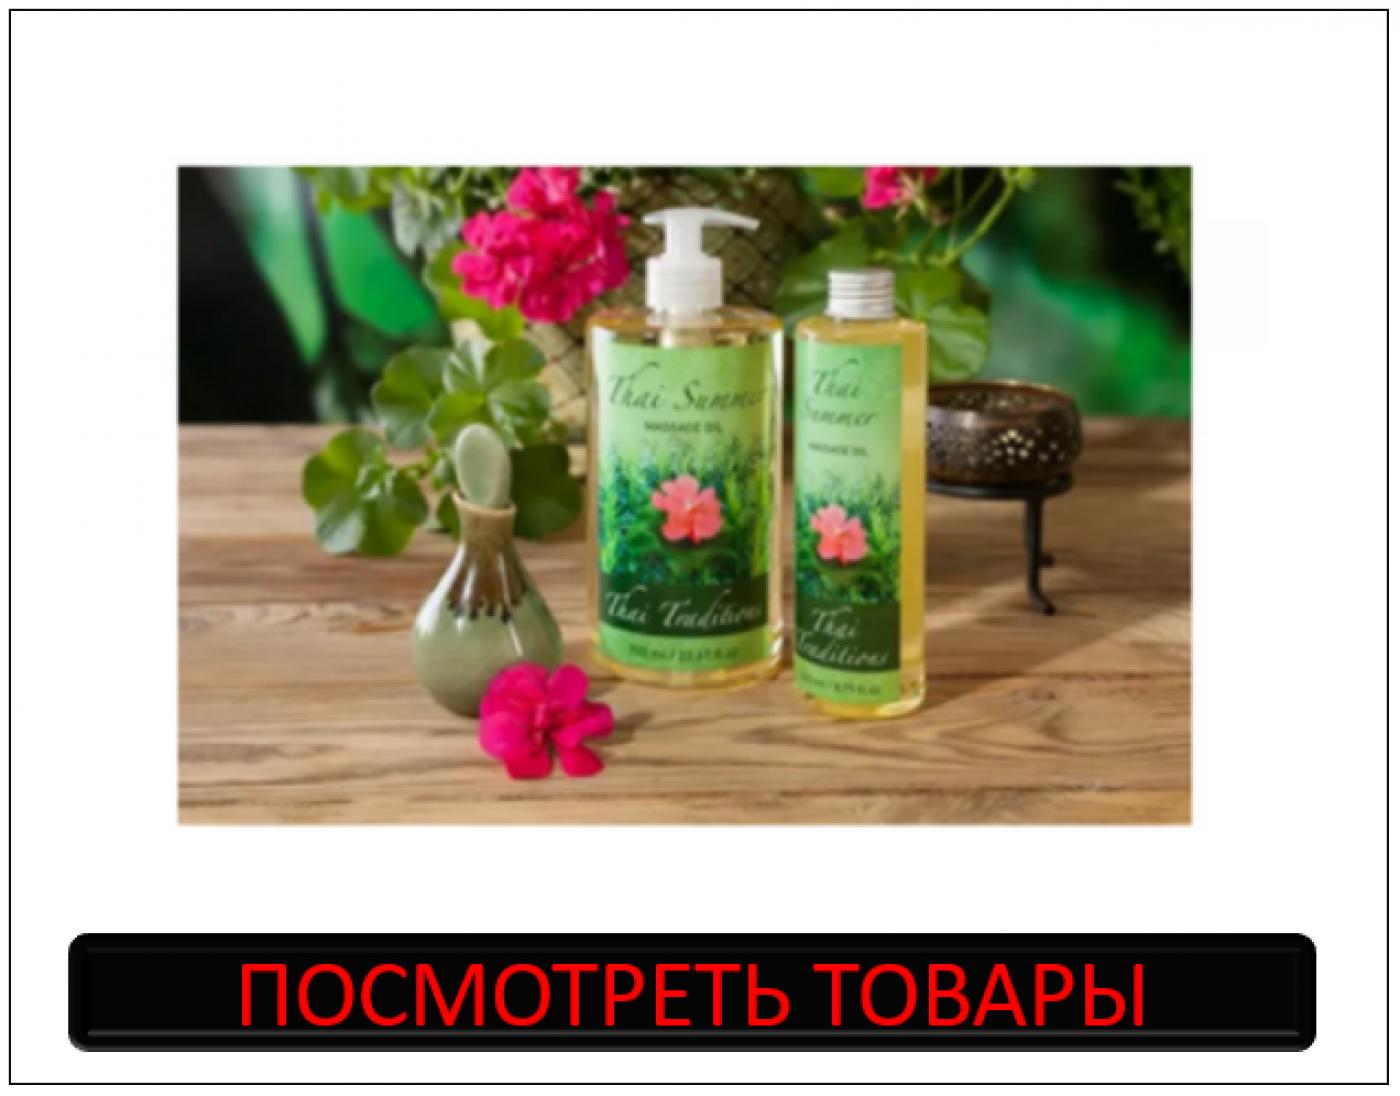 Жидкие масла для тела, для массажа, купить оптом с о скидкой в Москве доставка